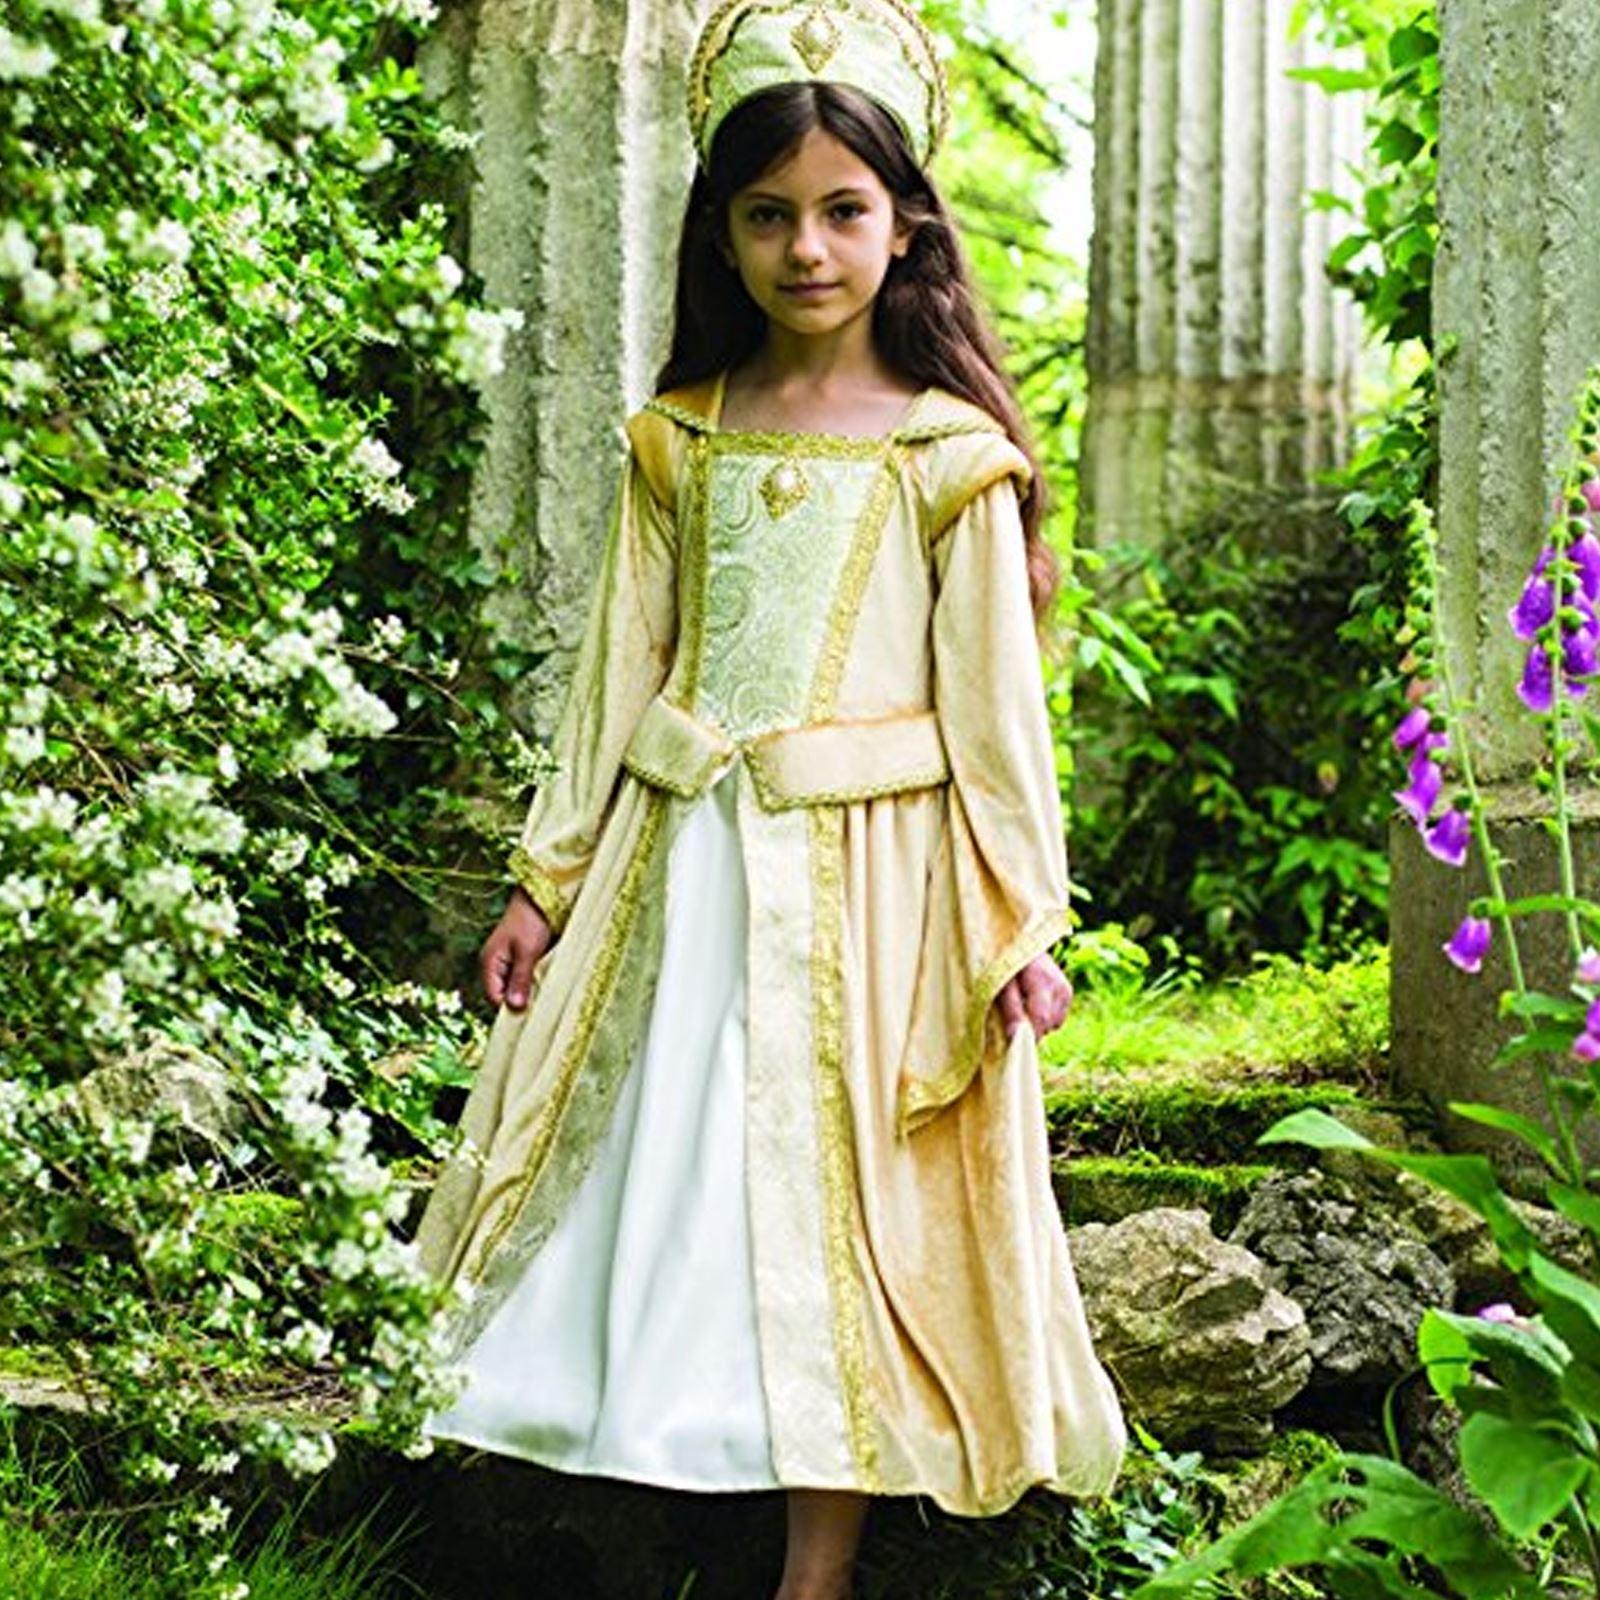 Tudor Velo Carnaval Princesa Medieval Condesa Disfraz De Lujo Real qRxIg85Hww